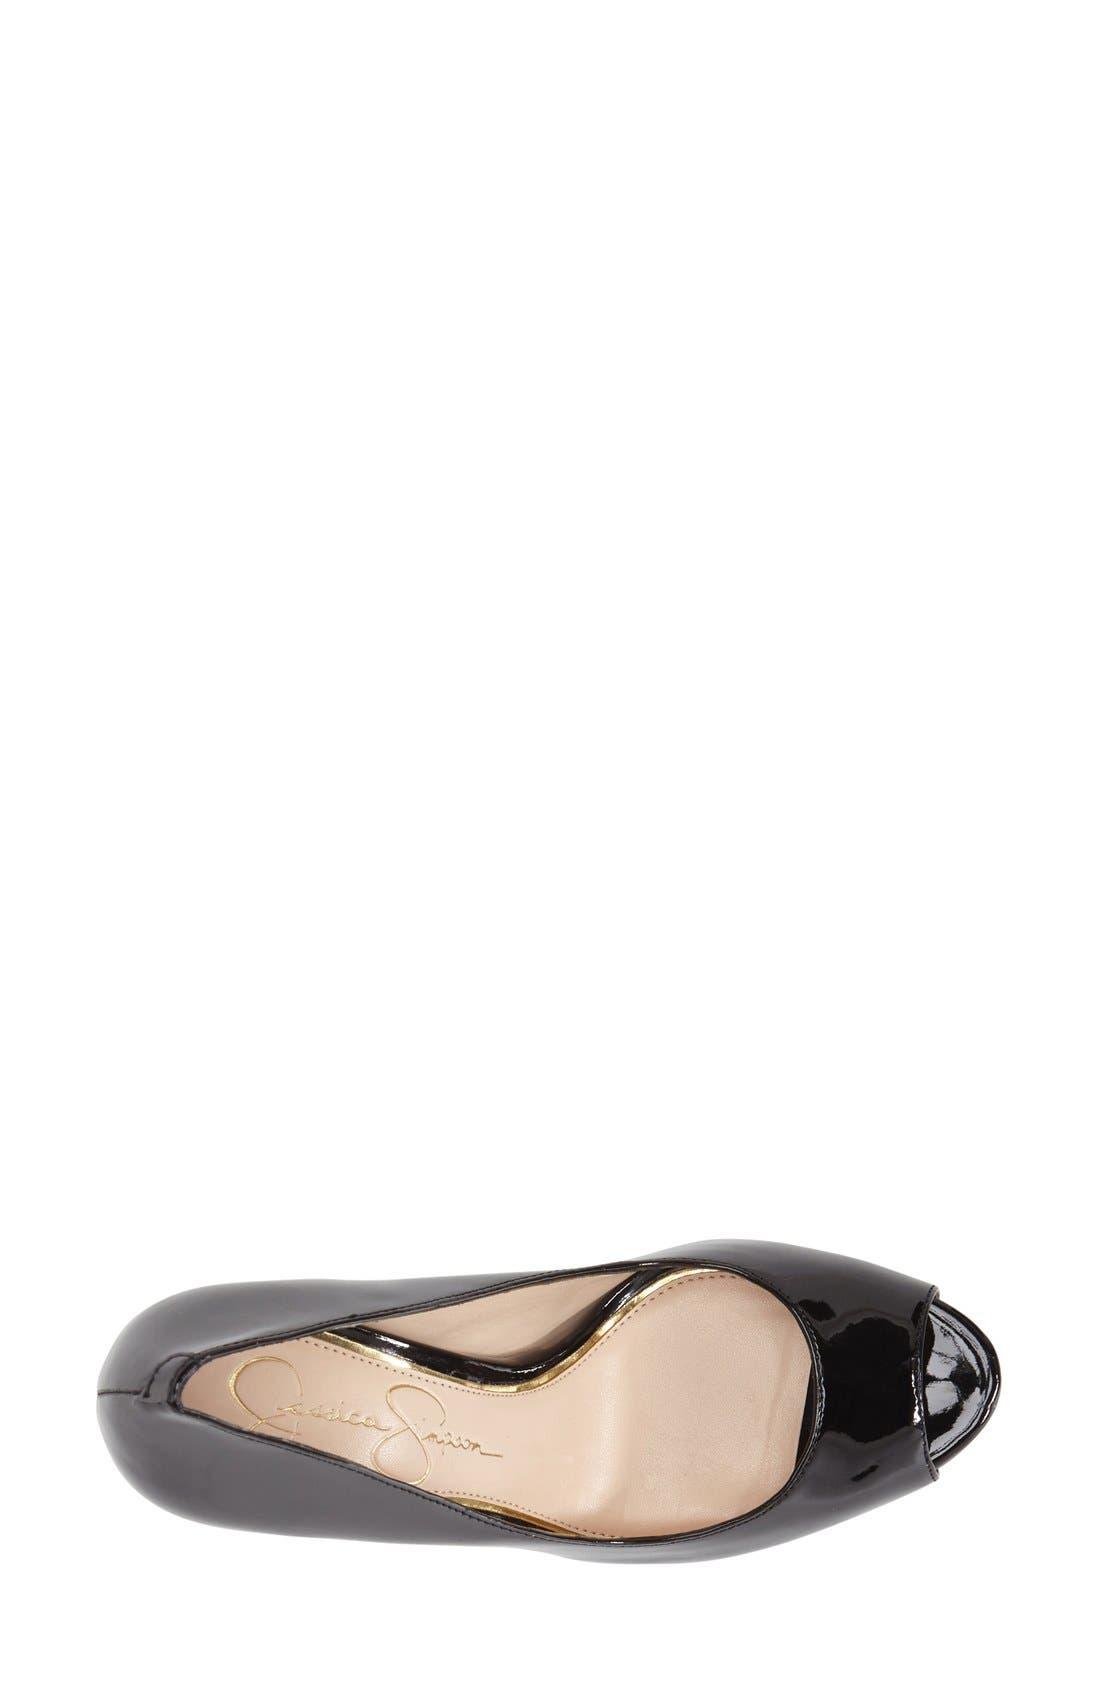 Alternate Image 3  - Jessica Simpson 'Kelia' Peep Toe Pump (Women)